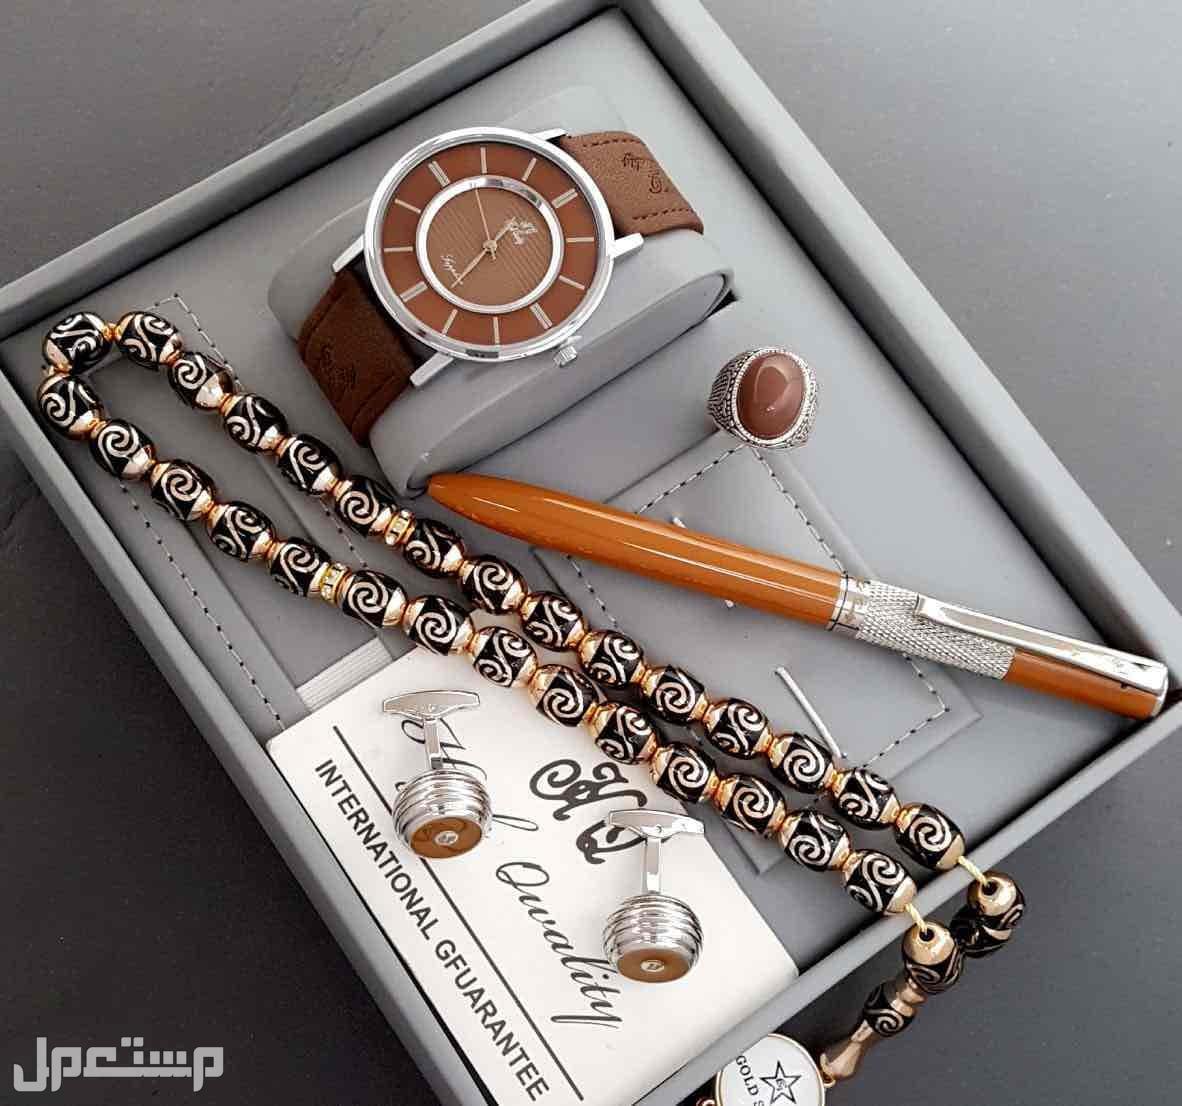 طقم رجالي ساعه قلم كبك محفظه نظاره ميداليه خاتم مسبحه